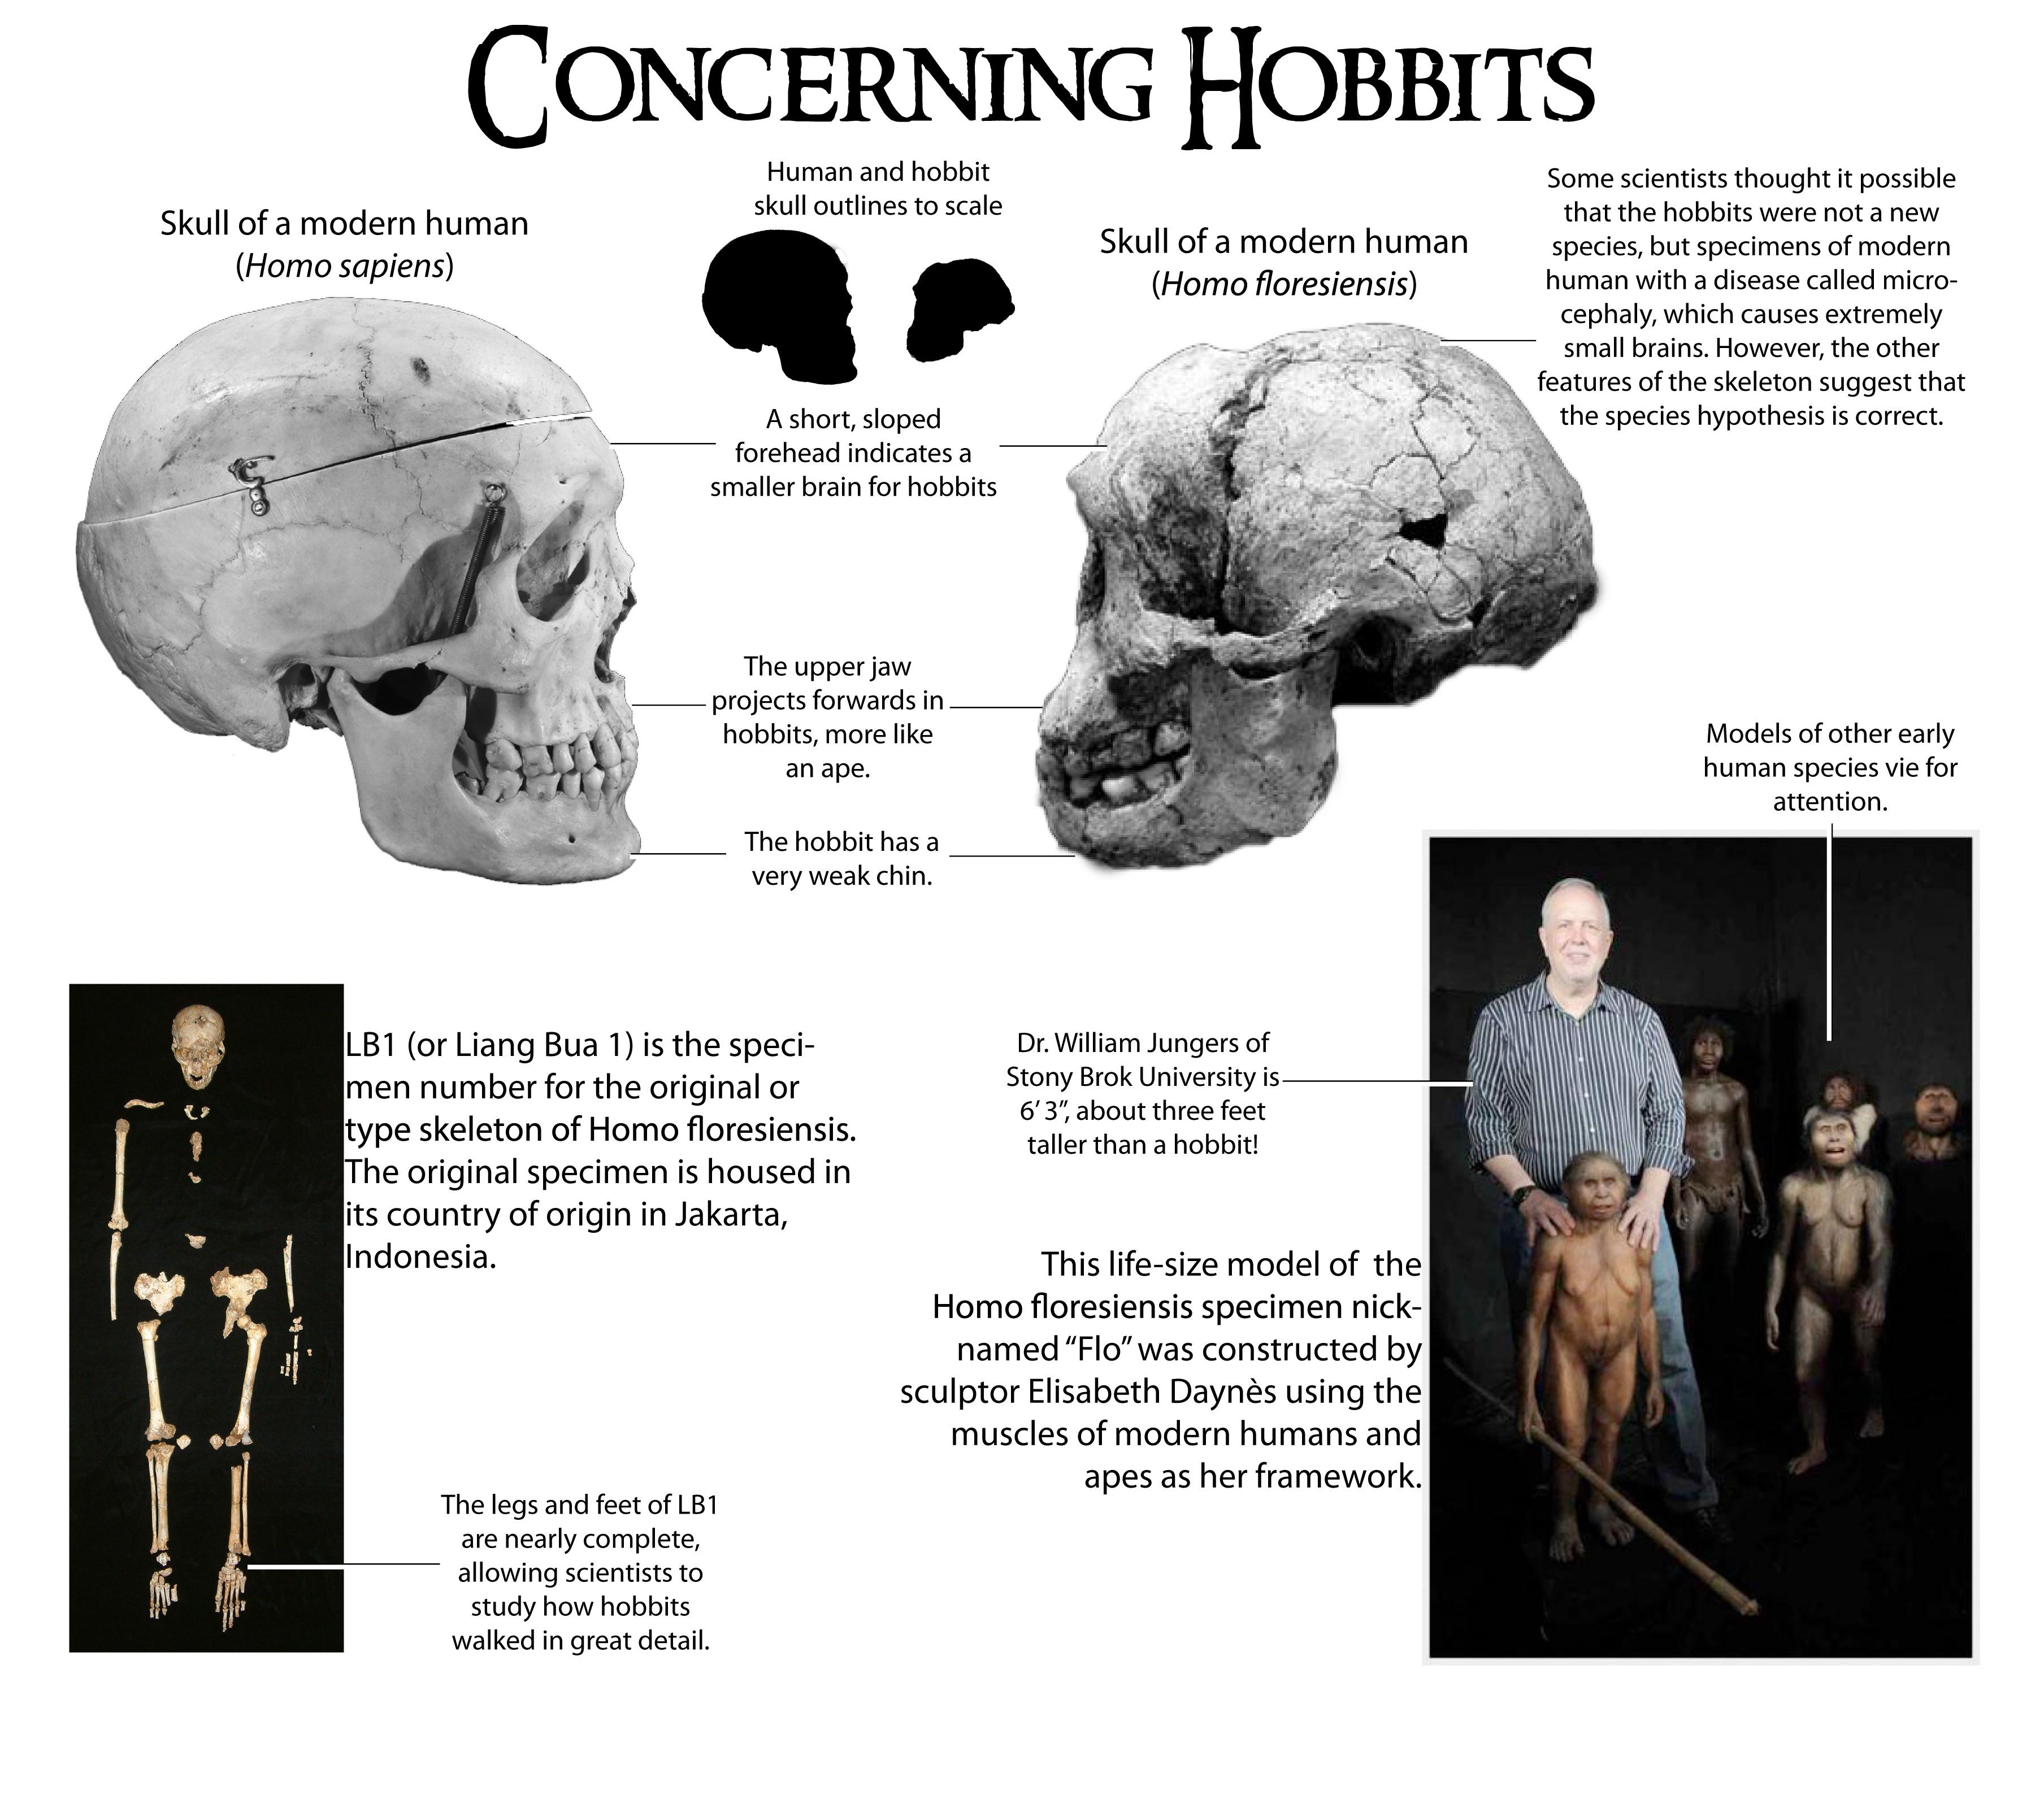 Homo floresiensis compared to Homo sapiens